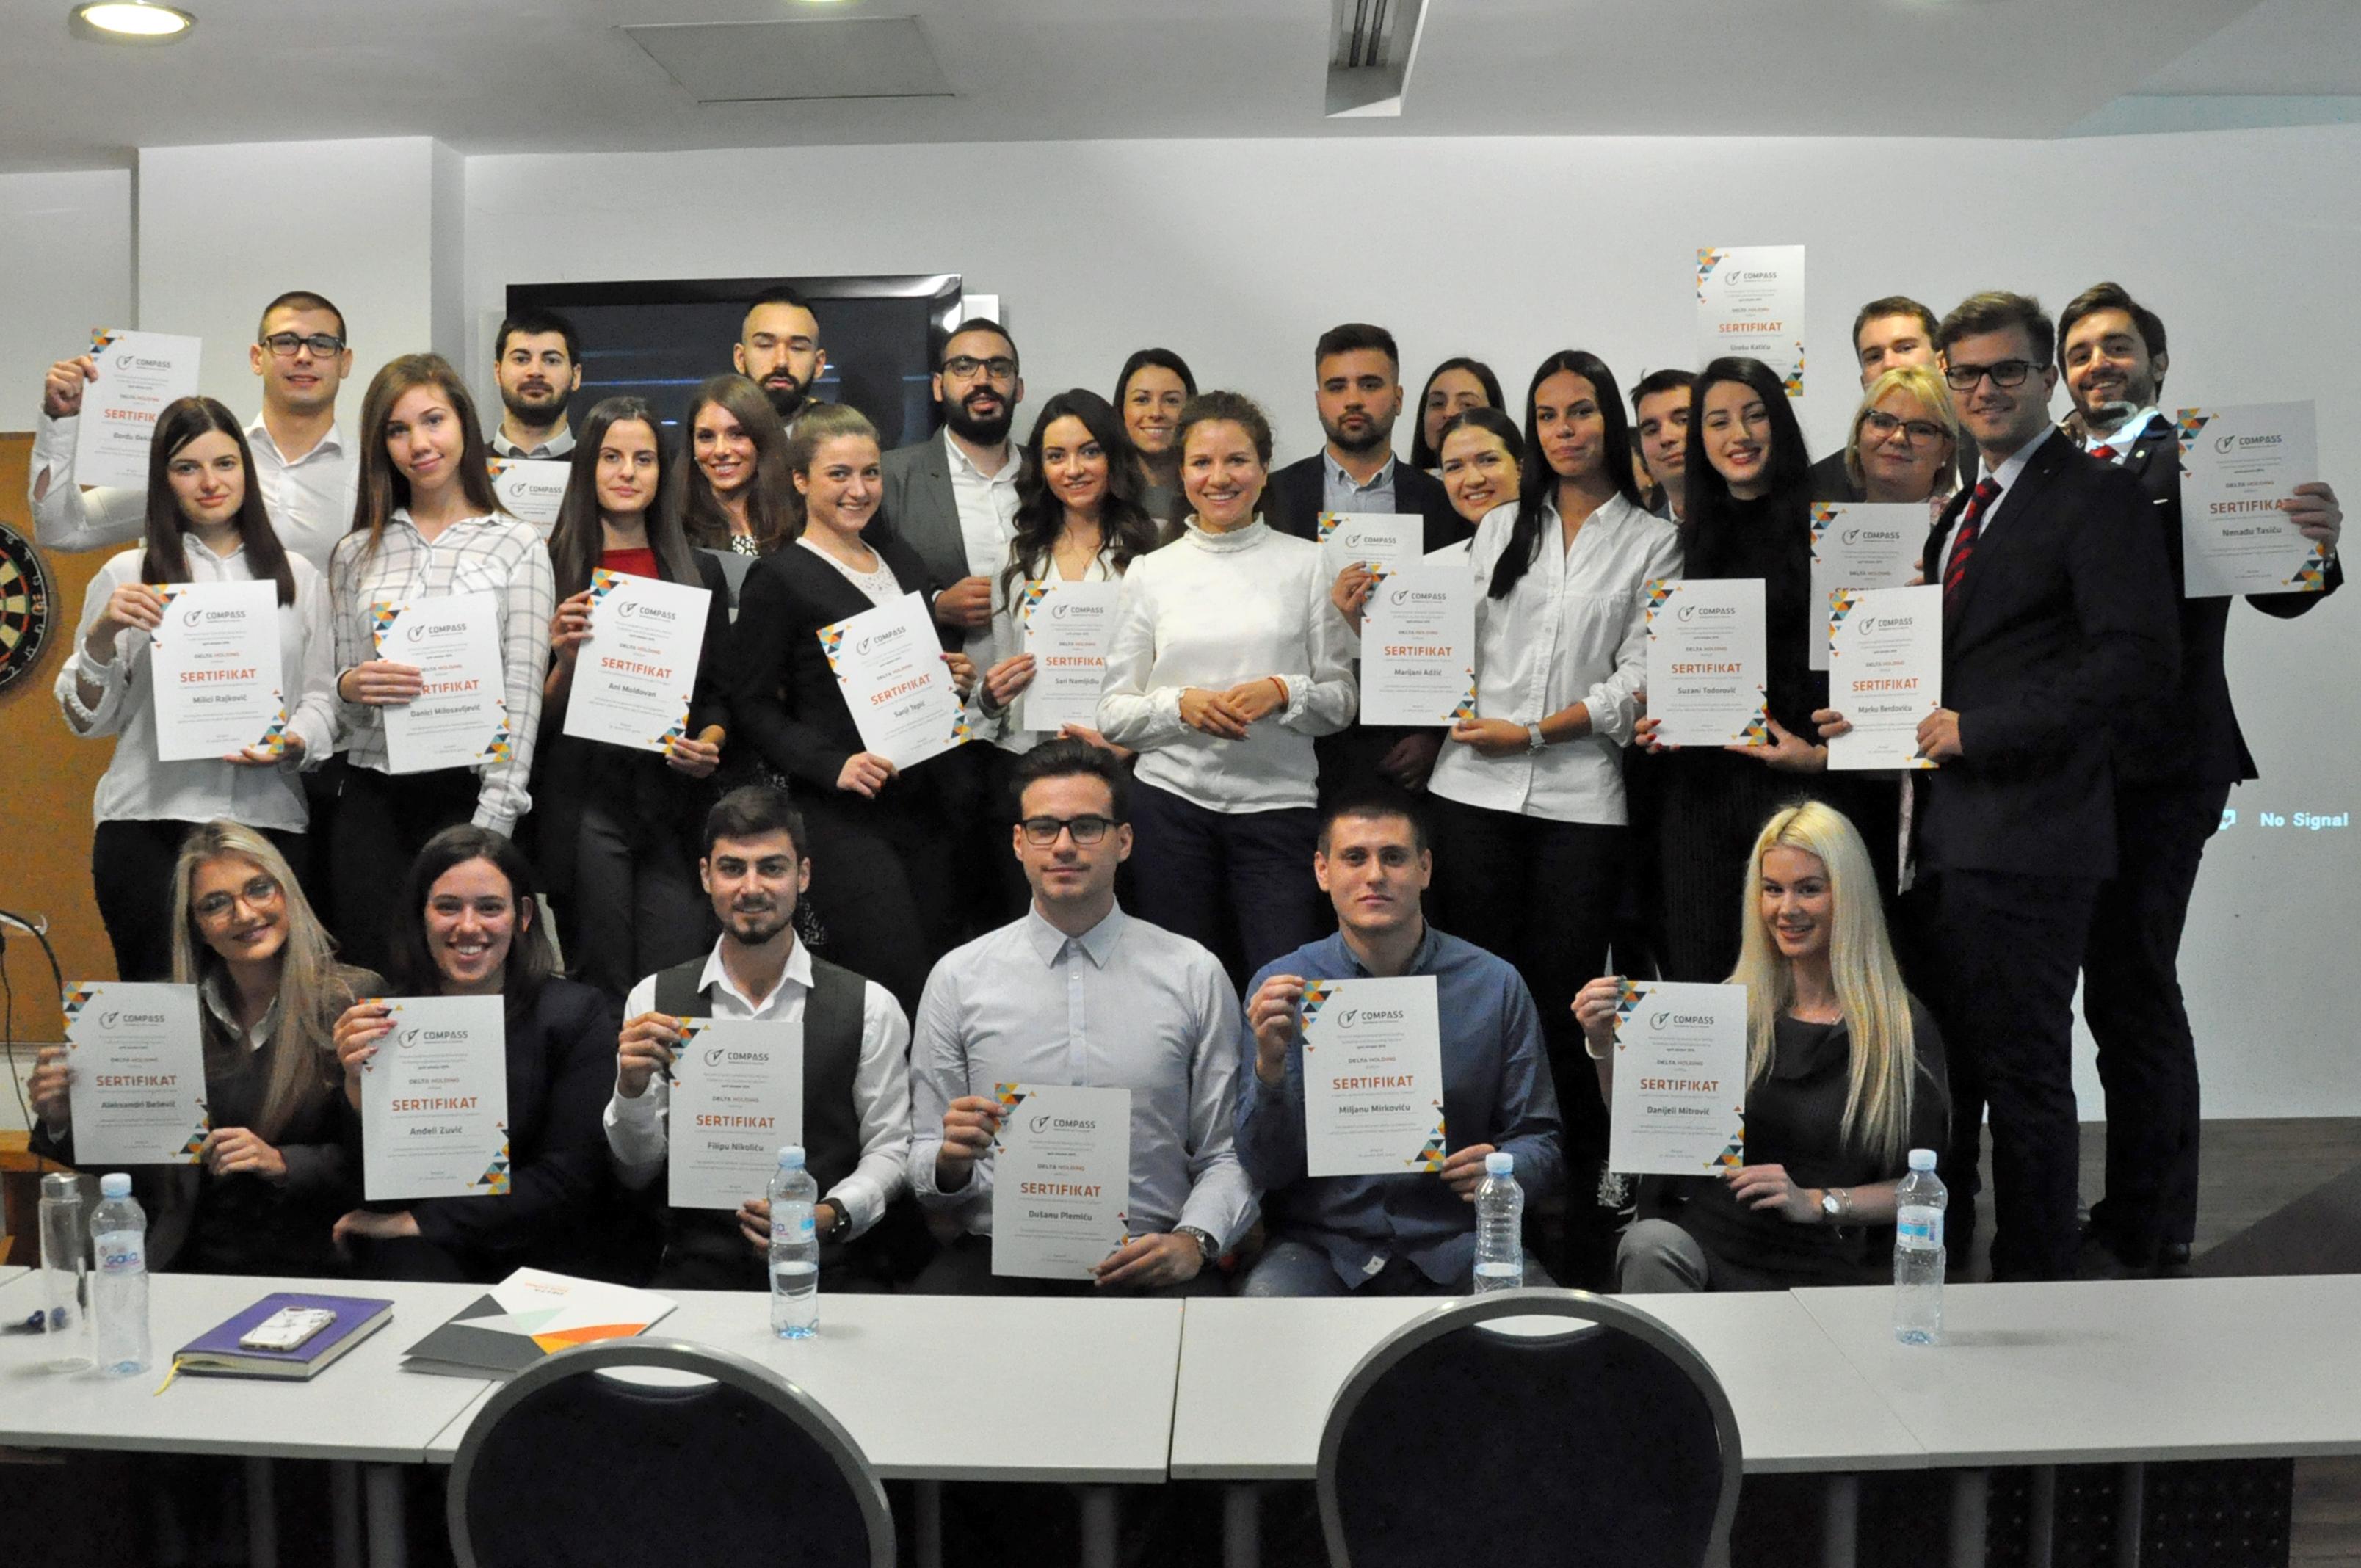 Dodeljeni sertifikati učesnicima obrazovnog programa Compass